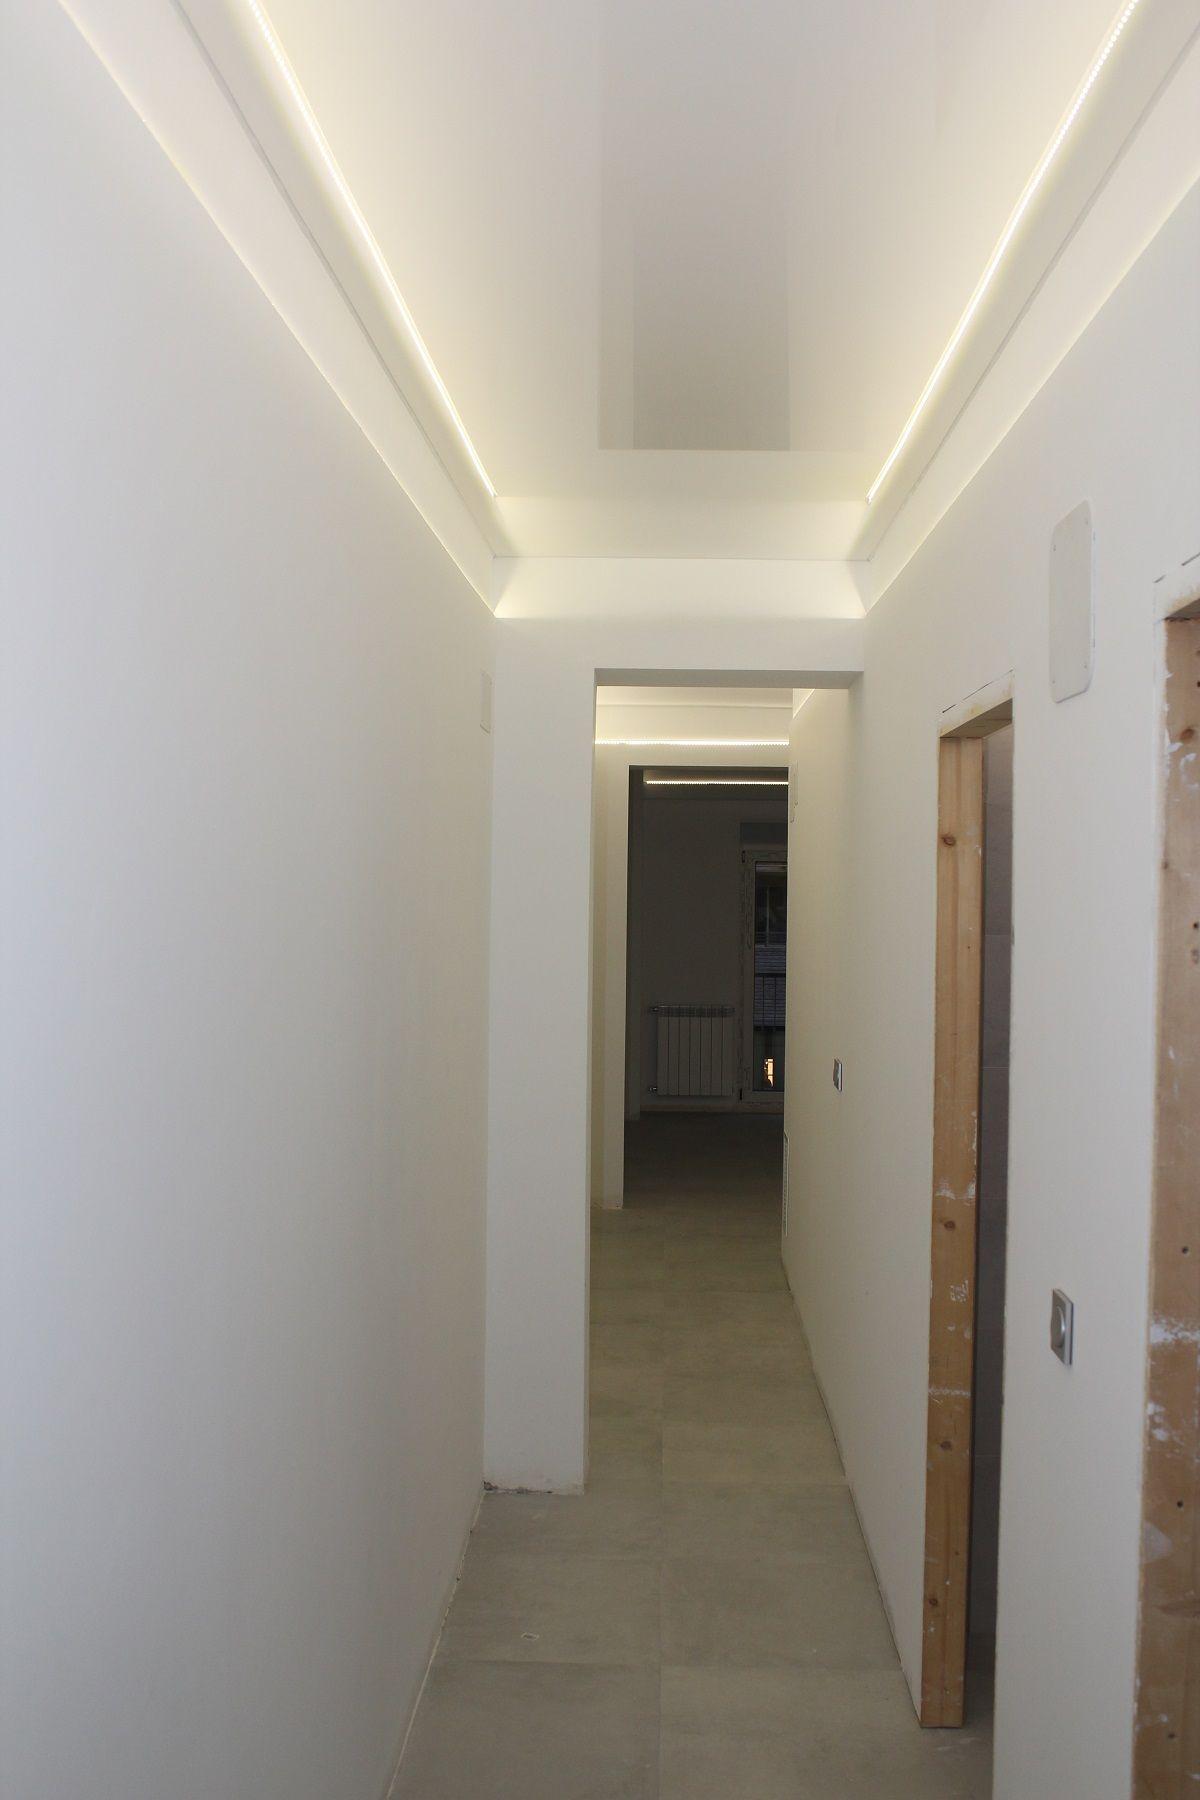 Techos tensados PVC de un pasillo colocar luces para